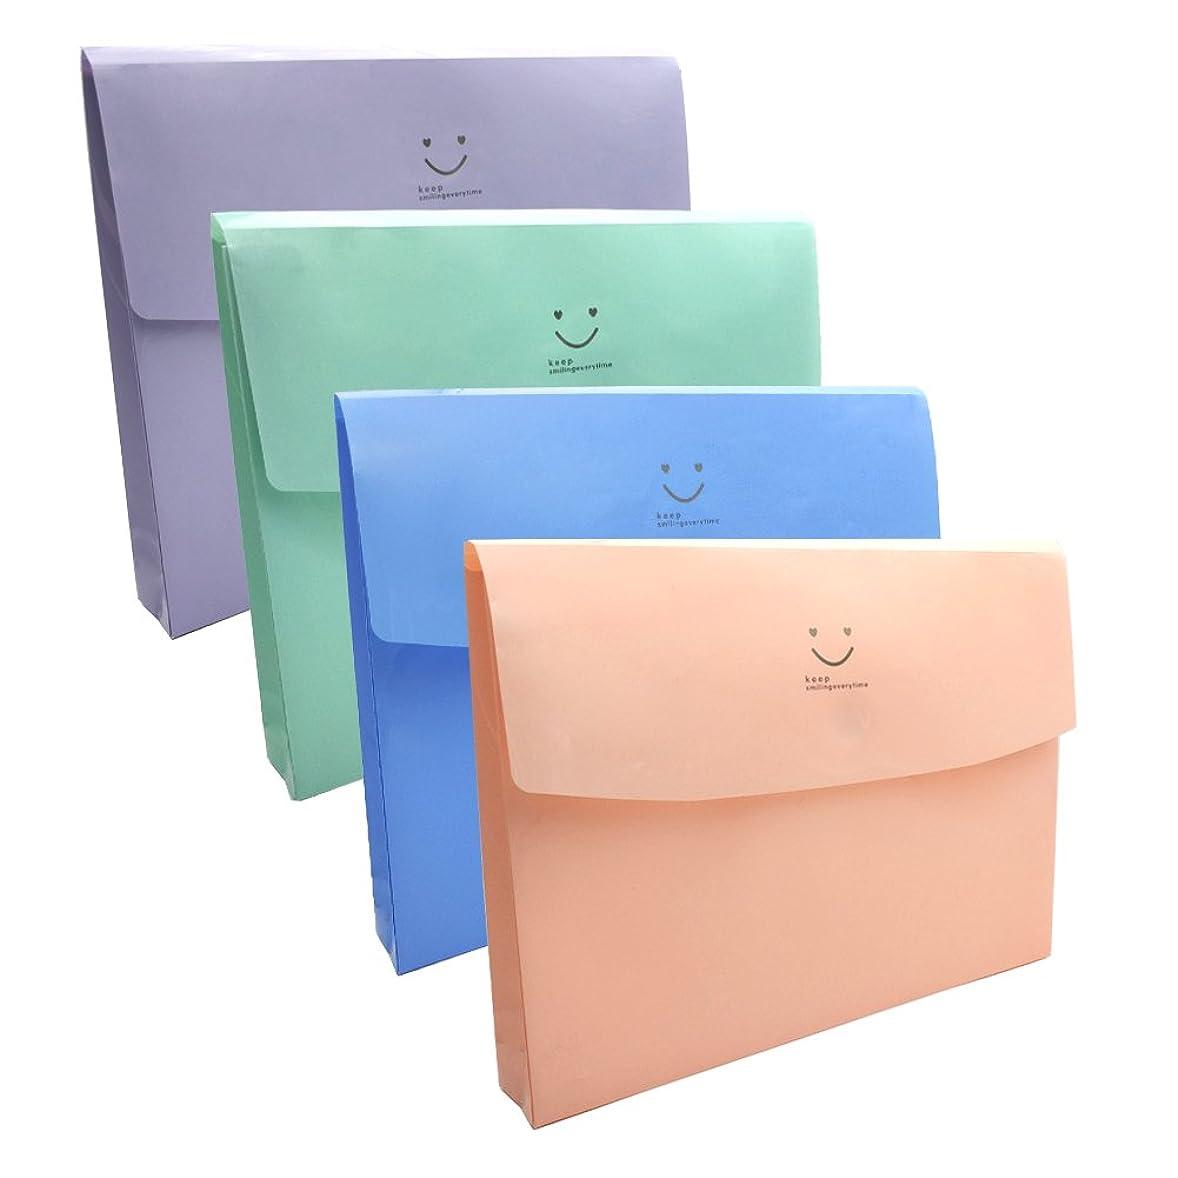 槍インレイガードMinniLove A4 ファイルケース,防水,収納バッグ,ドキュメントバッグ,ファイルケース,ファイルバッグ,書類ケース,スナップバッグ 整理袋,手形資料クリップ,文書 資料 領収書 収納ケース,ファイルポケット,携帯に便利 (4色入-N)